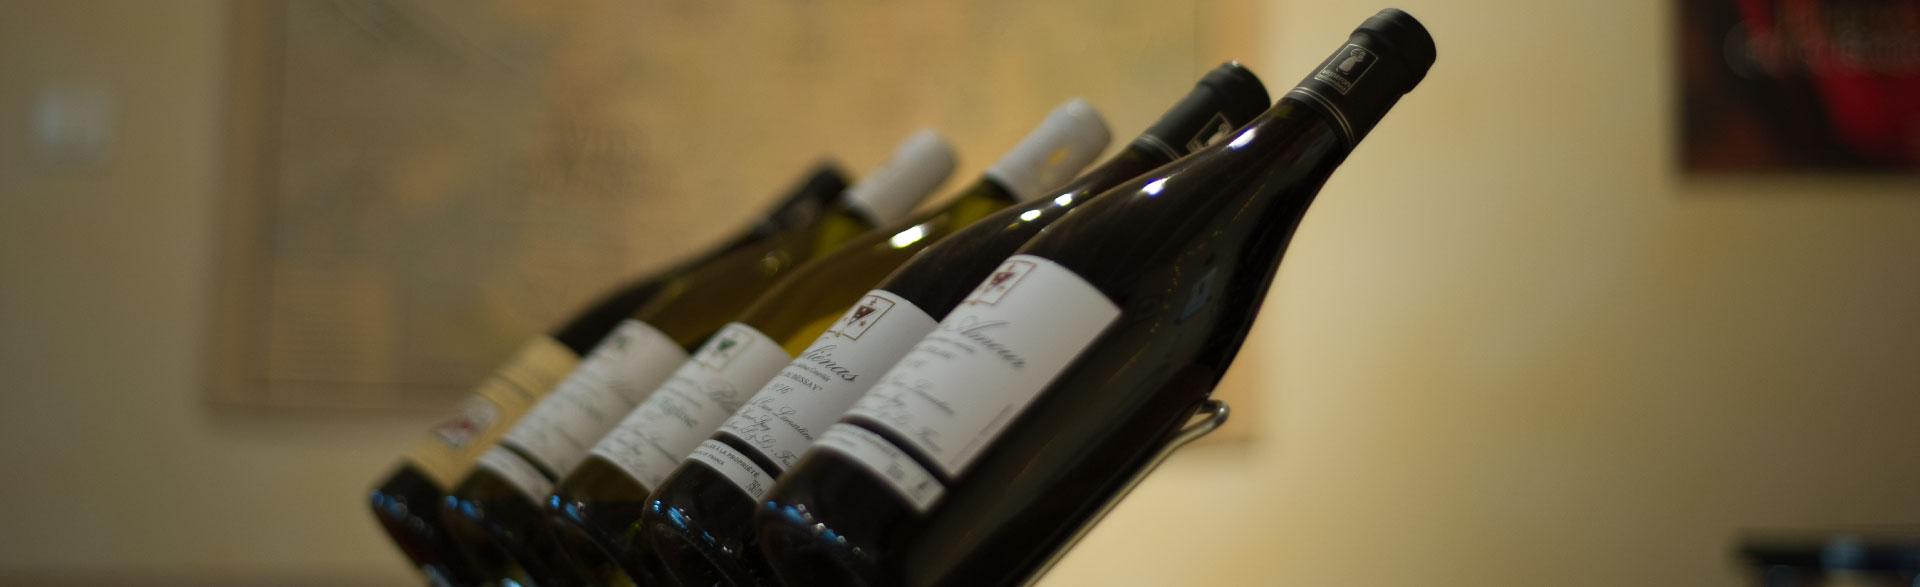 bouteilles-de-vins-domaine-hamet-spay-cave-lamartine